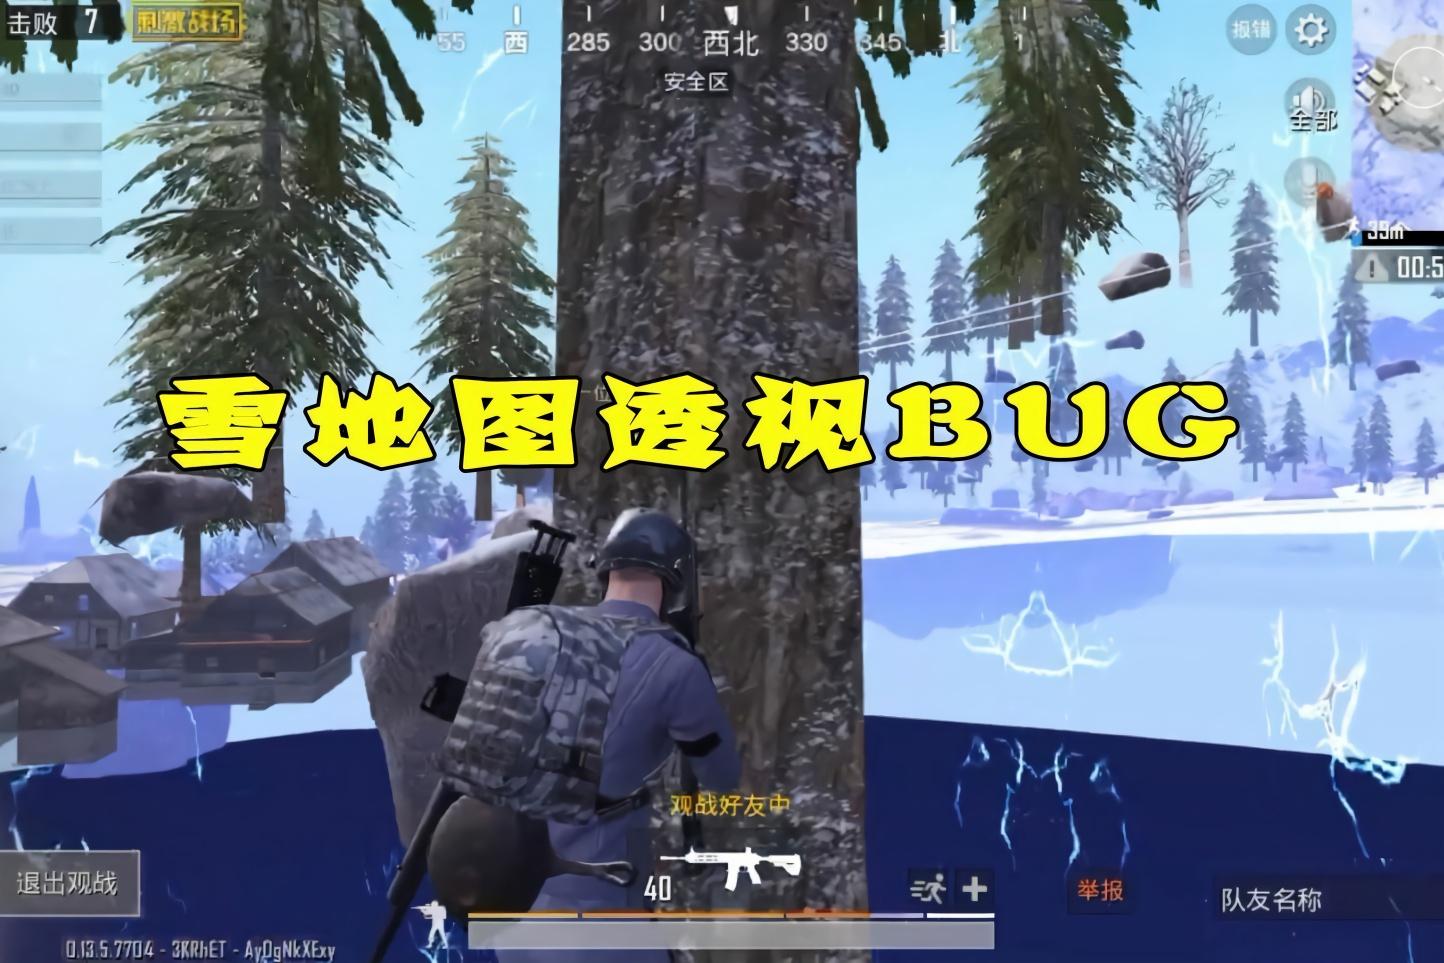 图解插头:战场图新bug,一个烟雾弹就刺激?雪地v插头进去图片